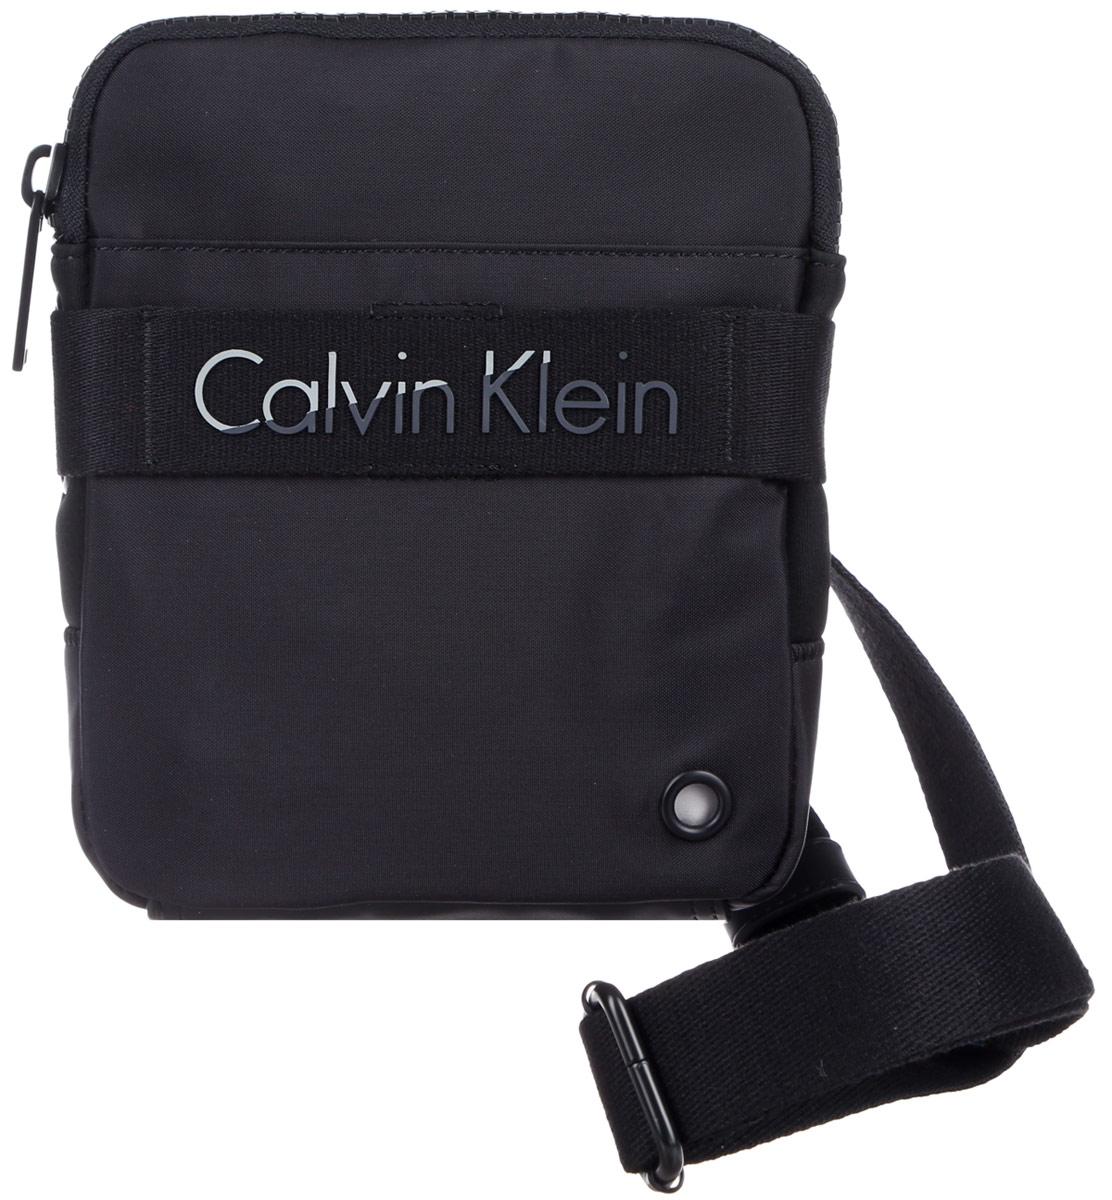 Сумка мужская Calvin Klein Jeans, цвет: черный. K50K502277_0010K50K502277_0010Стильная мужская сумка Calvin Klein Jeans выполнена из полиуретана, полиамида и полиэстера. Изделие имеет одно отделение, которое закрывается на застежку-молнию. Задняя часть сумки дополнена мягкой сетчатой вставкой, которая обеспечивает комфорт при носке. Сумка оснащена текстильным плечевым ремнем, который регулируется по длине. Стильная сумка идеально подчеркнет ваш неповторимый стиль.